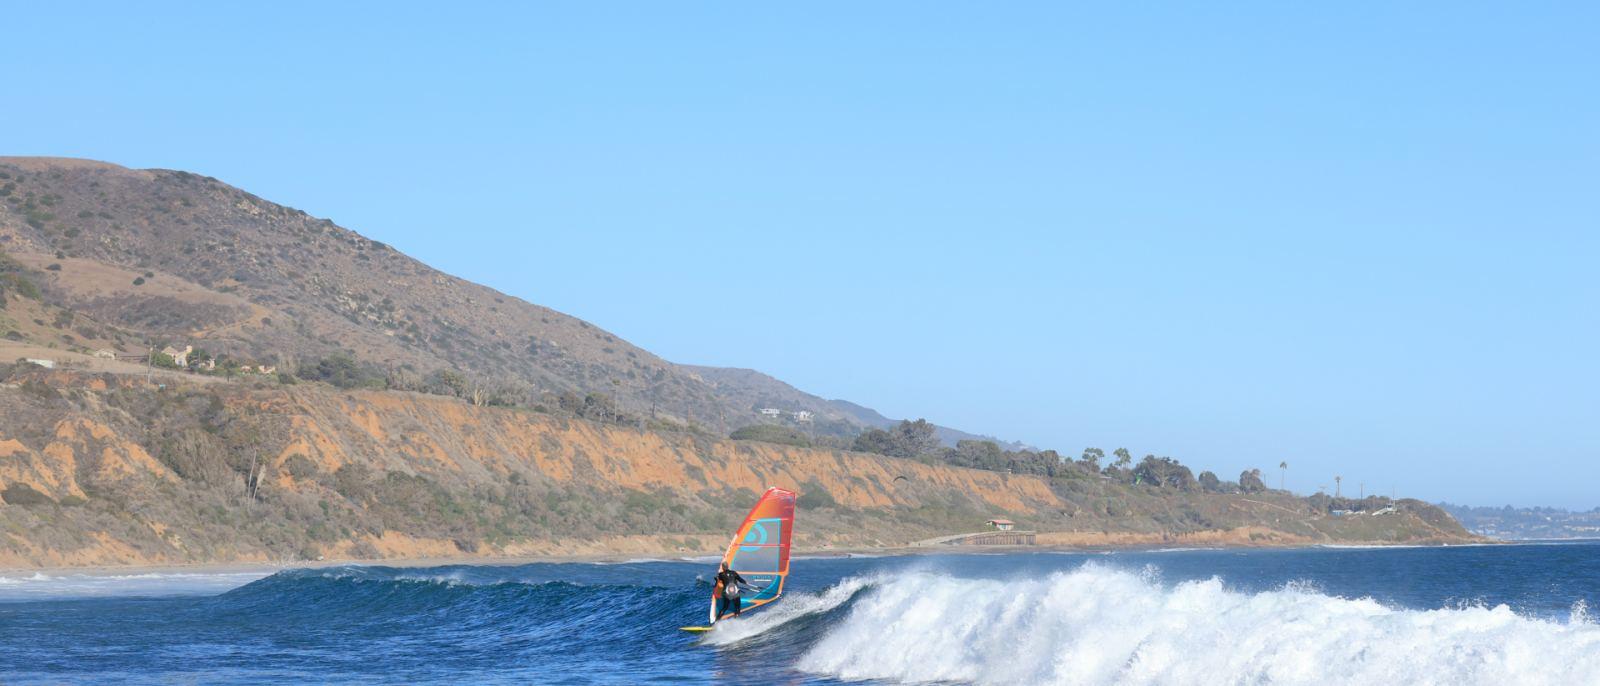 Leo Carrillo State Beach   |  Photo: Yuri Hasegawa